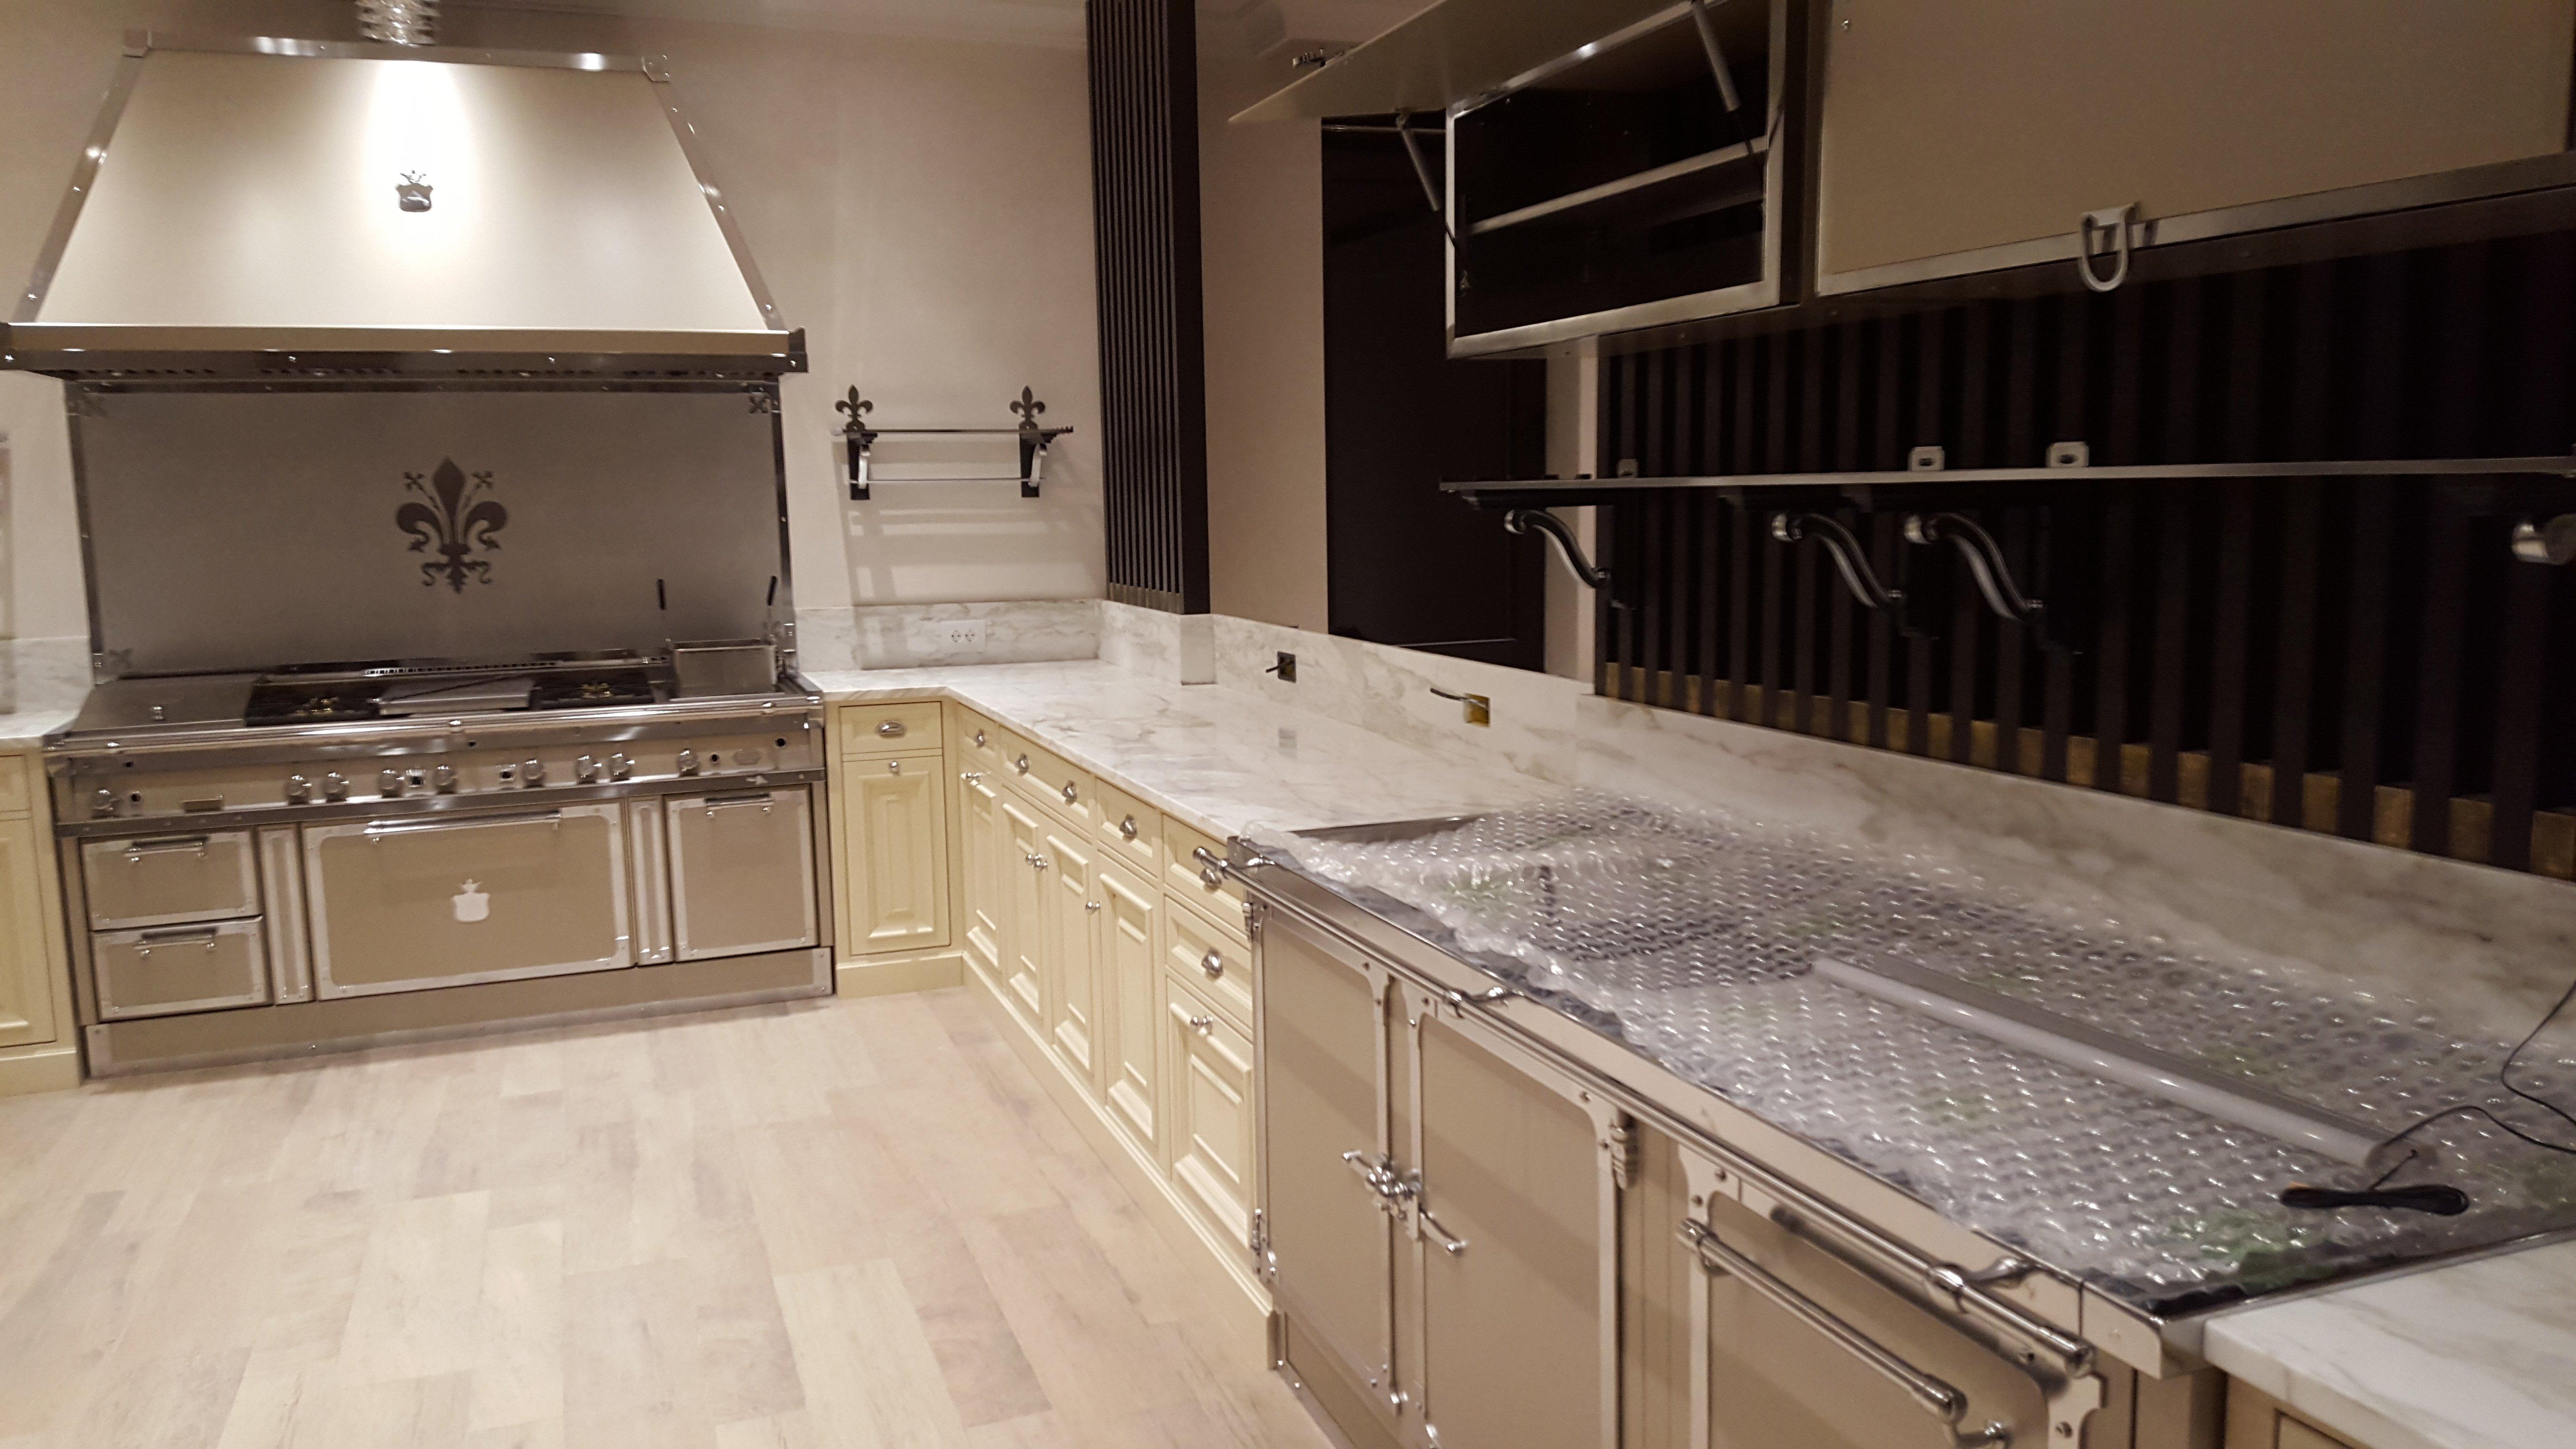 cucina con mobili e pavimenti chiari